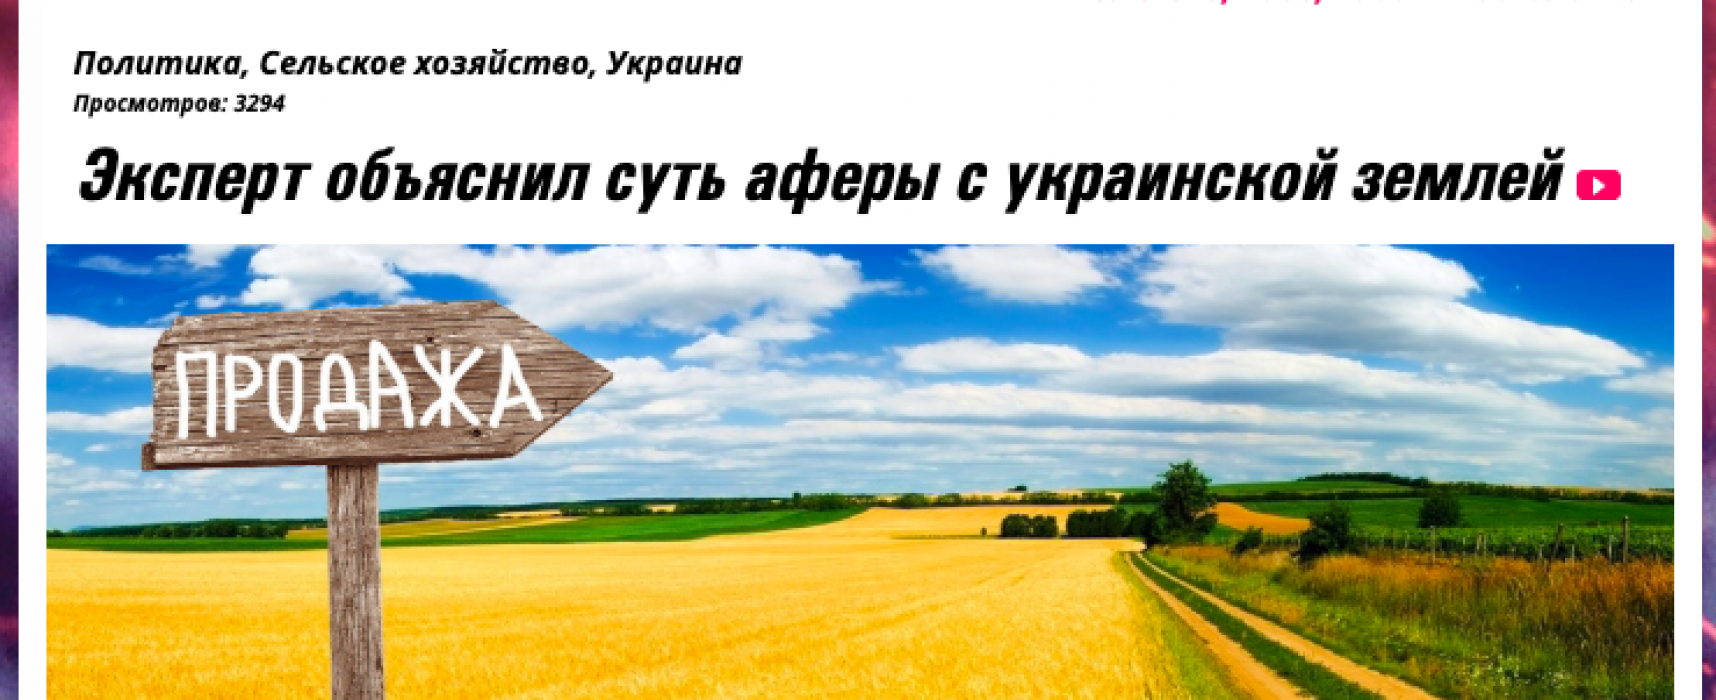 Економічна деградація після розпродажу української землі: що пишуть російські ЗМІ про підписану земельну реформу